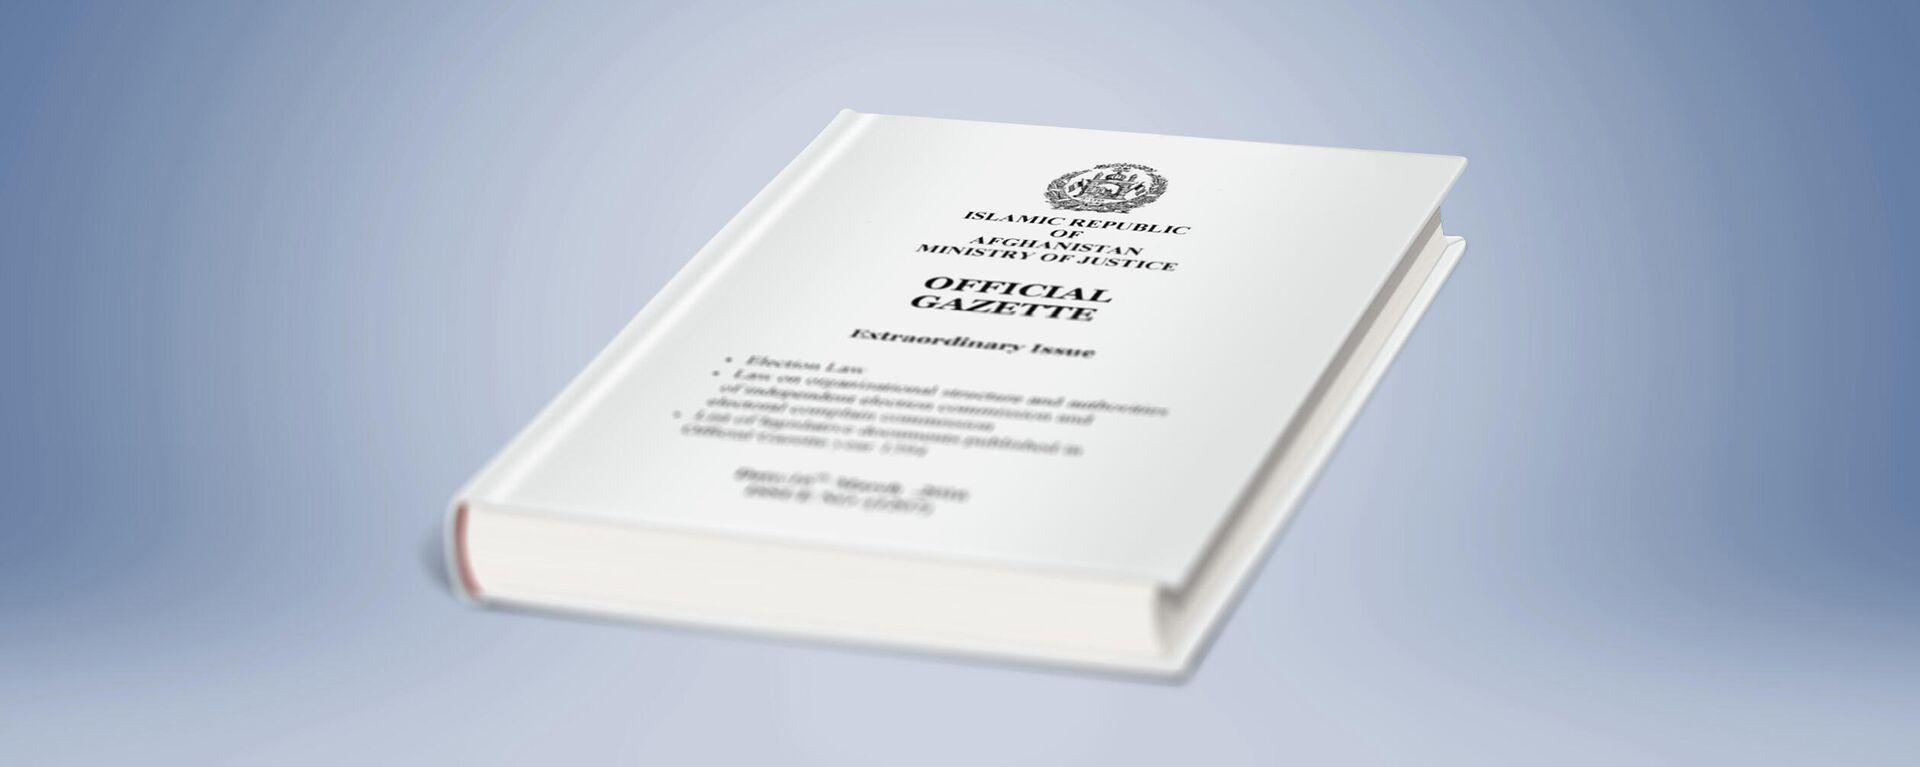 Конституция Афганистана - Sputnik Таджикистан, 1920, 20.08.2021